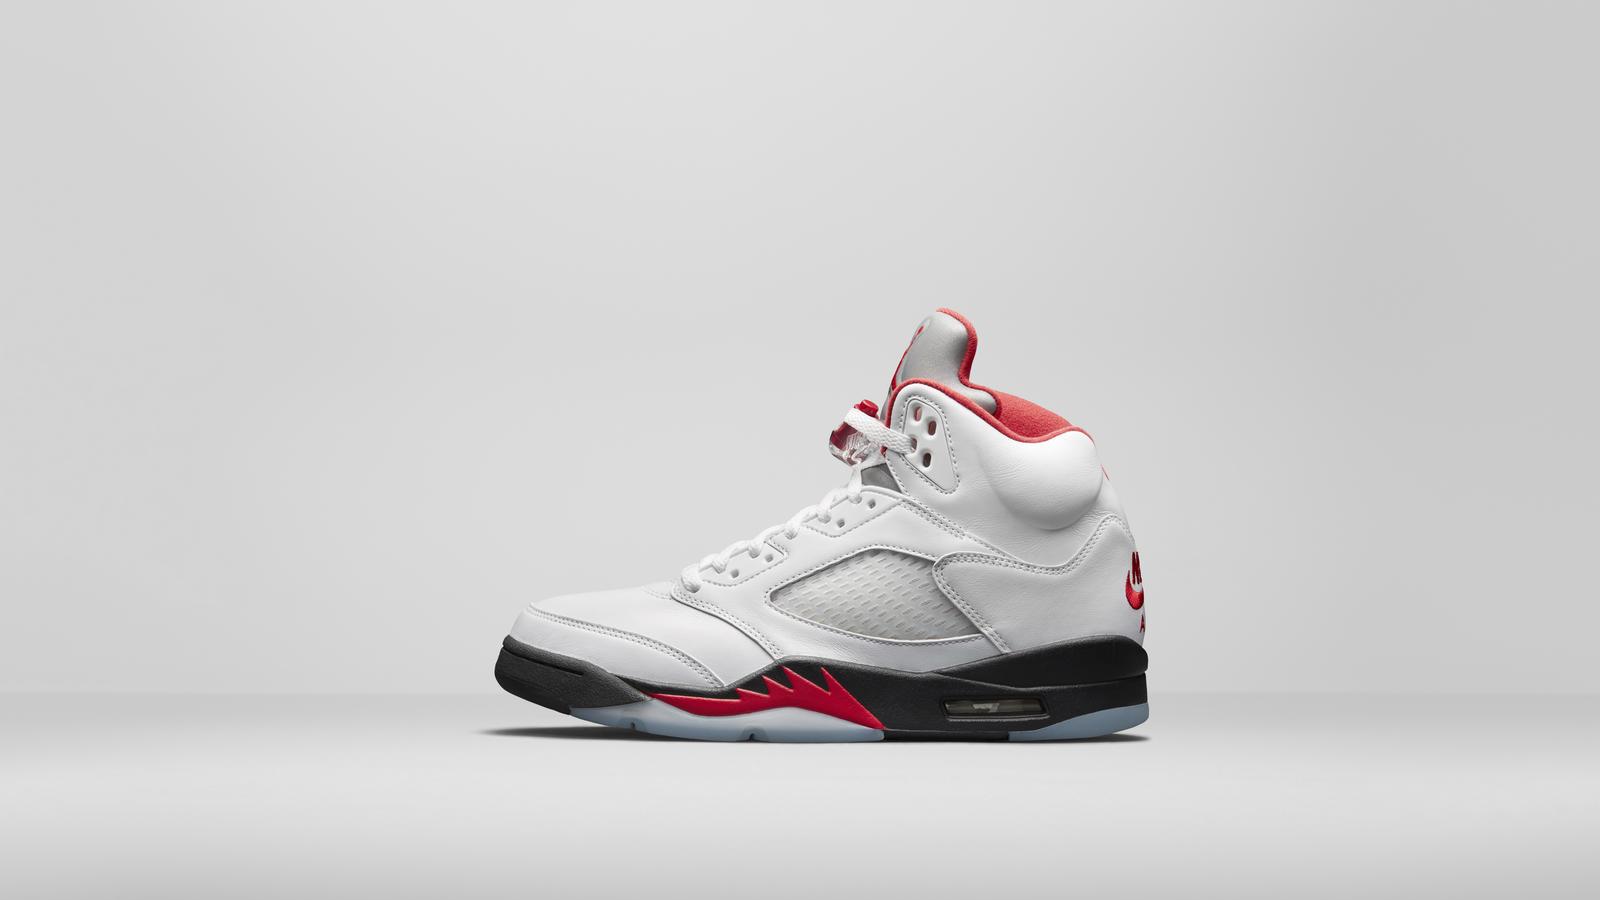 Jordan Brand Summer 2020 Releases - Nike News